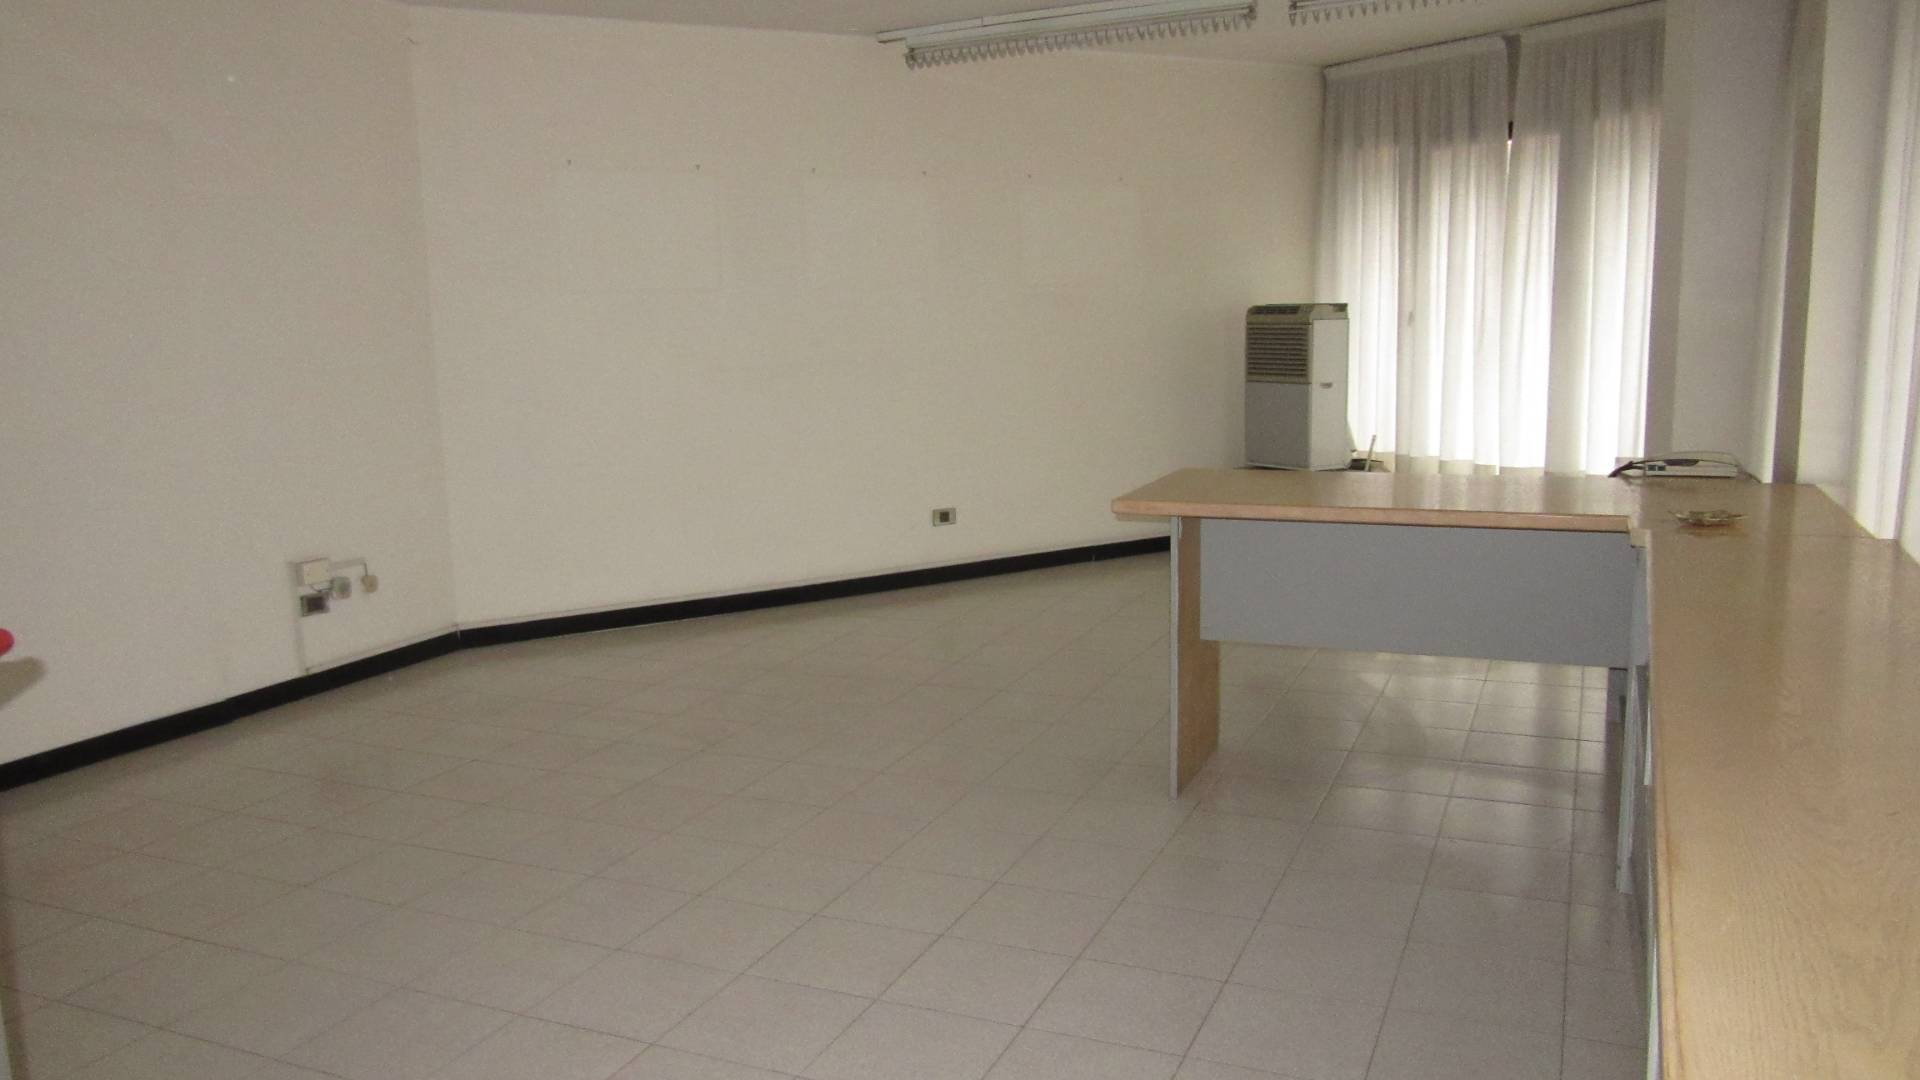 Ufficio / Studio in vendita a Villa Carcina, 9999 locali, zona Zona: Villa, prezzo € 29.000 | CambioCasa.it